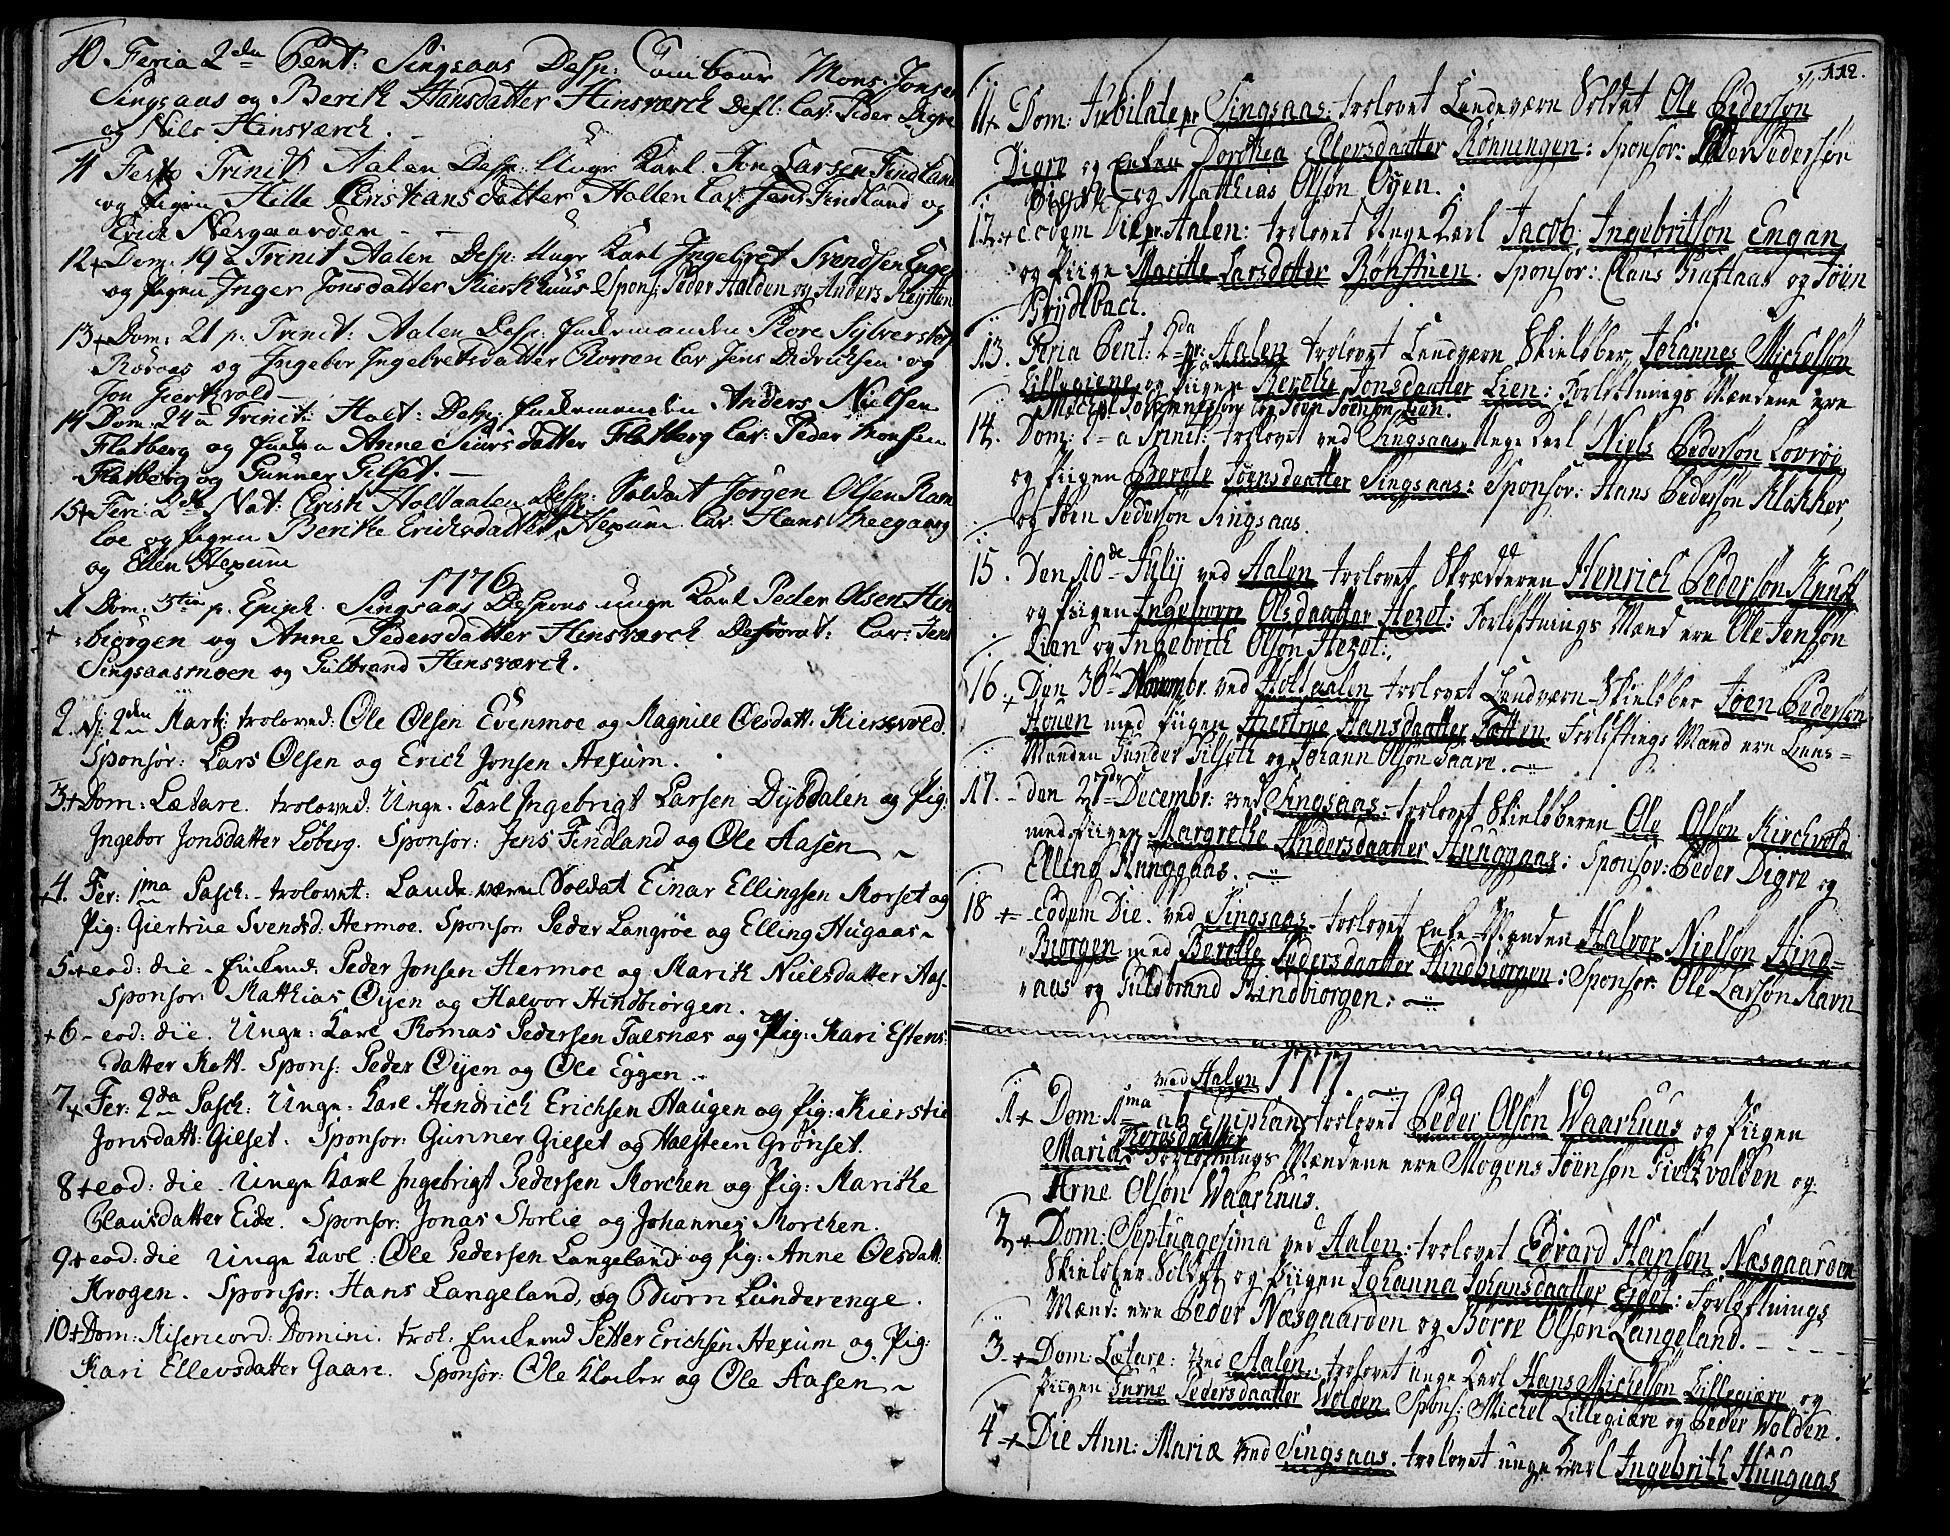 SAT, Ministerialprotokoller, klokkerbøker og fødselsregistre - Sør-Trøndelag, 685/L0952: Ministerialbok nr. 685A01, 1745-1804, s. 112